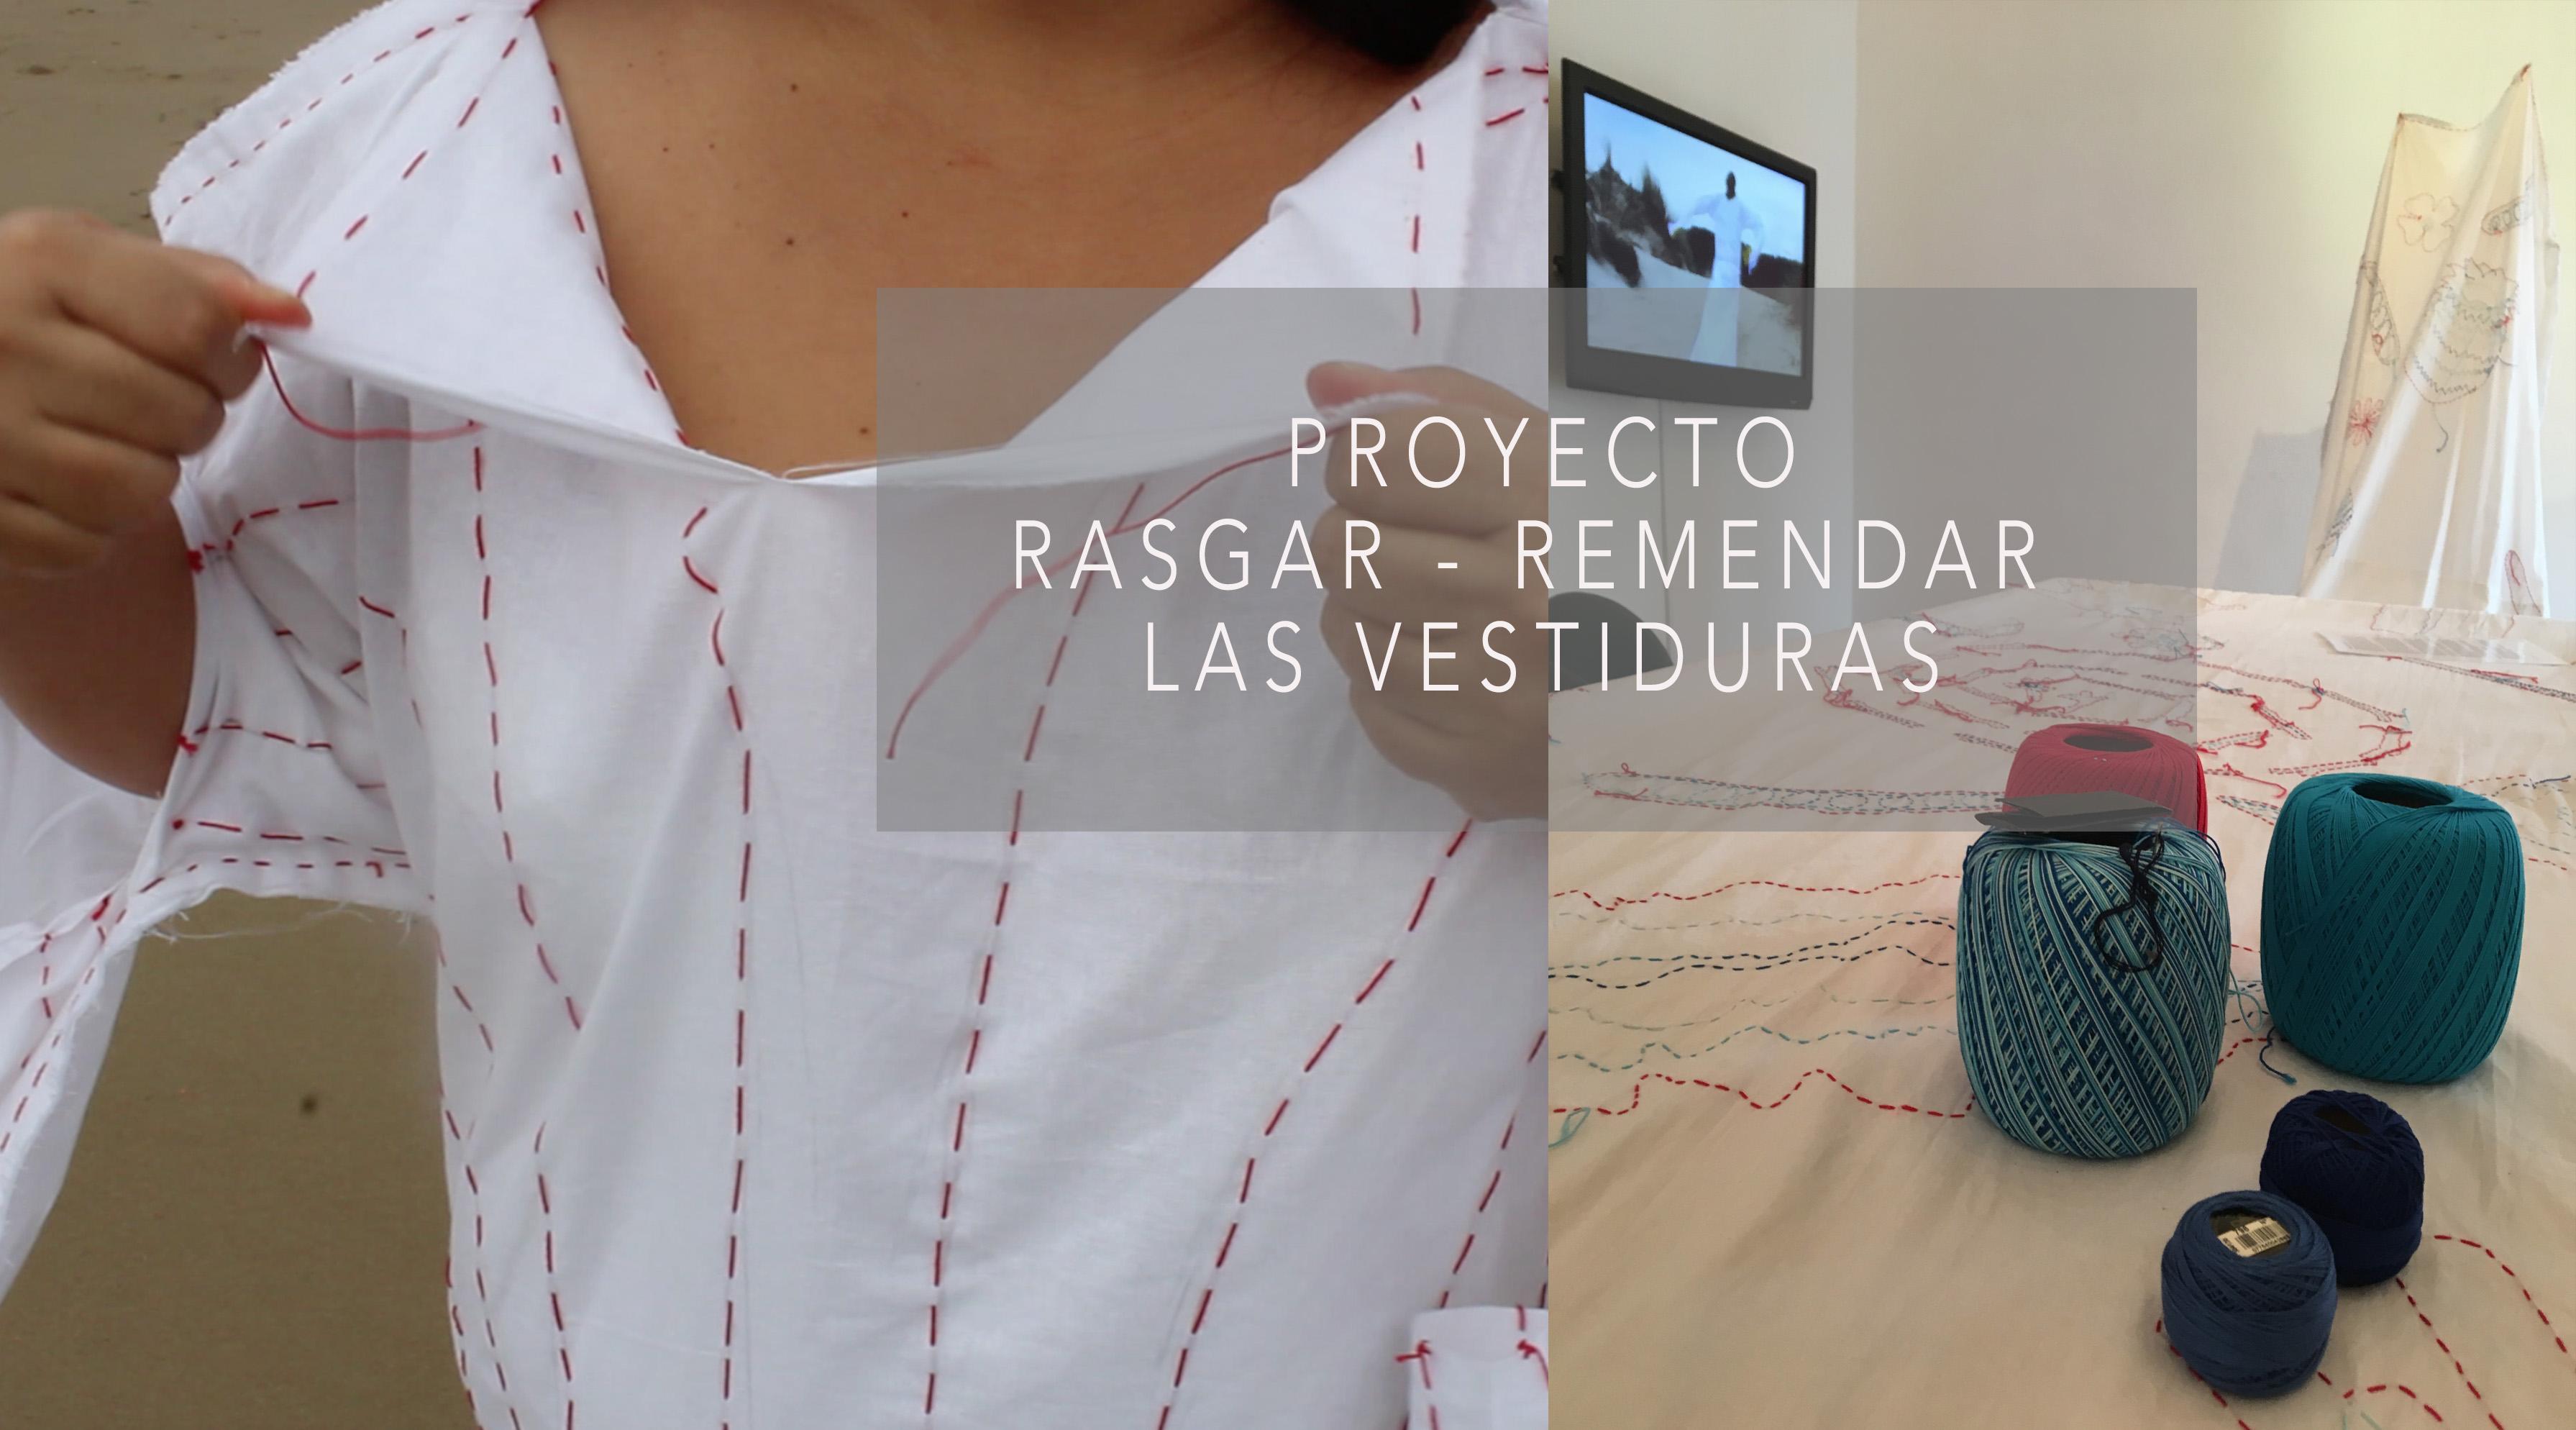 Rasgarse - Remendar las vestiduras (2018) - Diana Valarezo